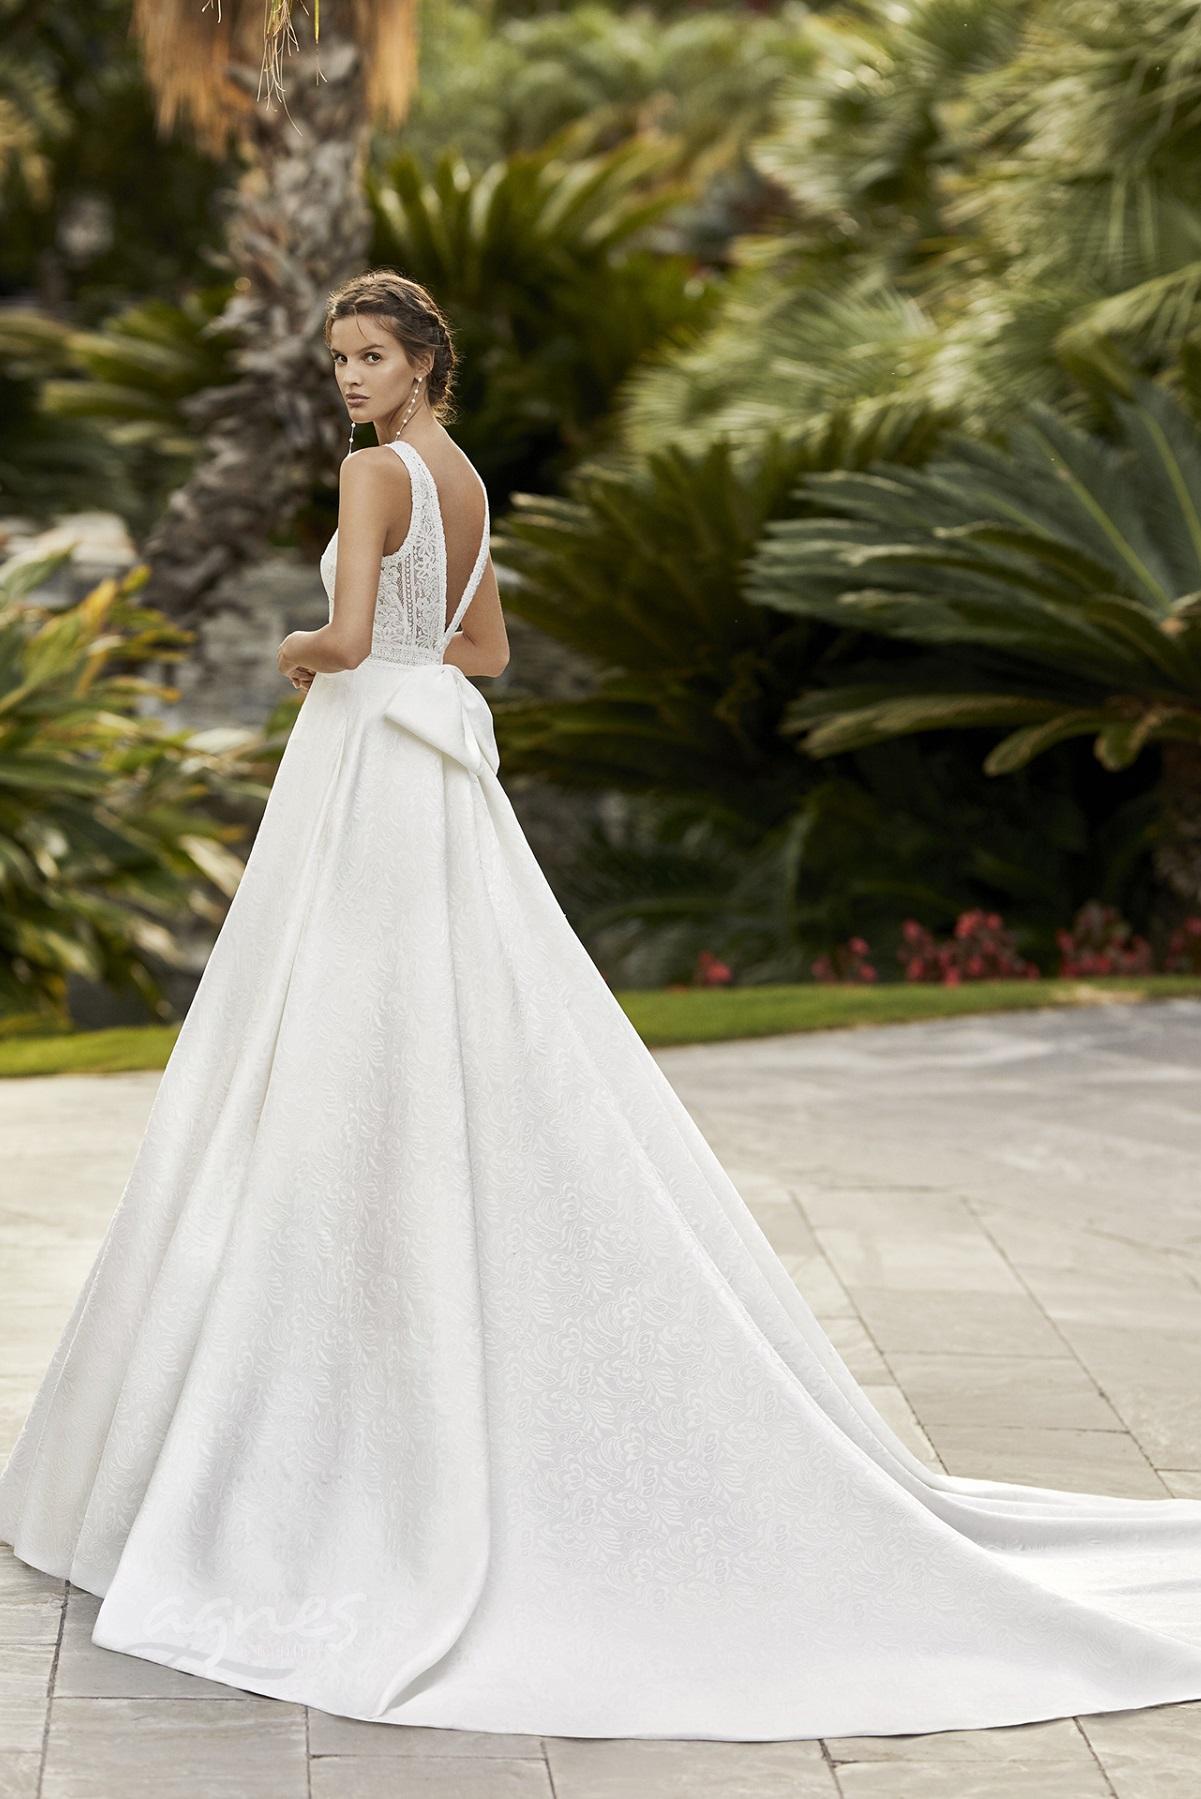 svatební šaty ze saténu